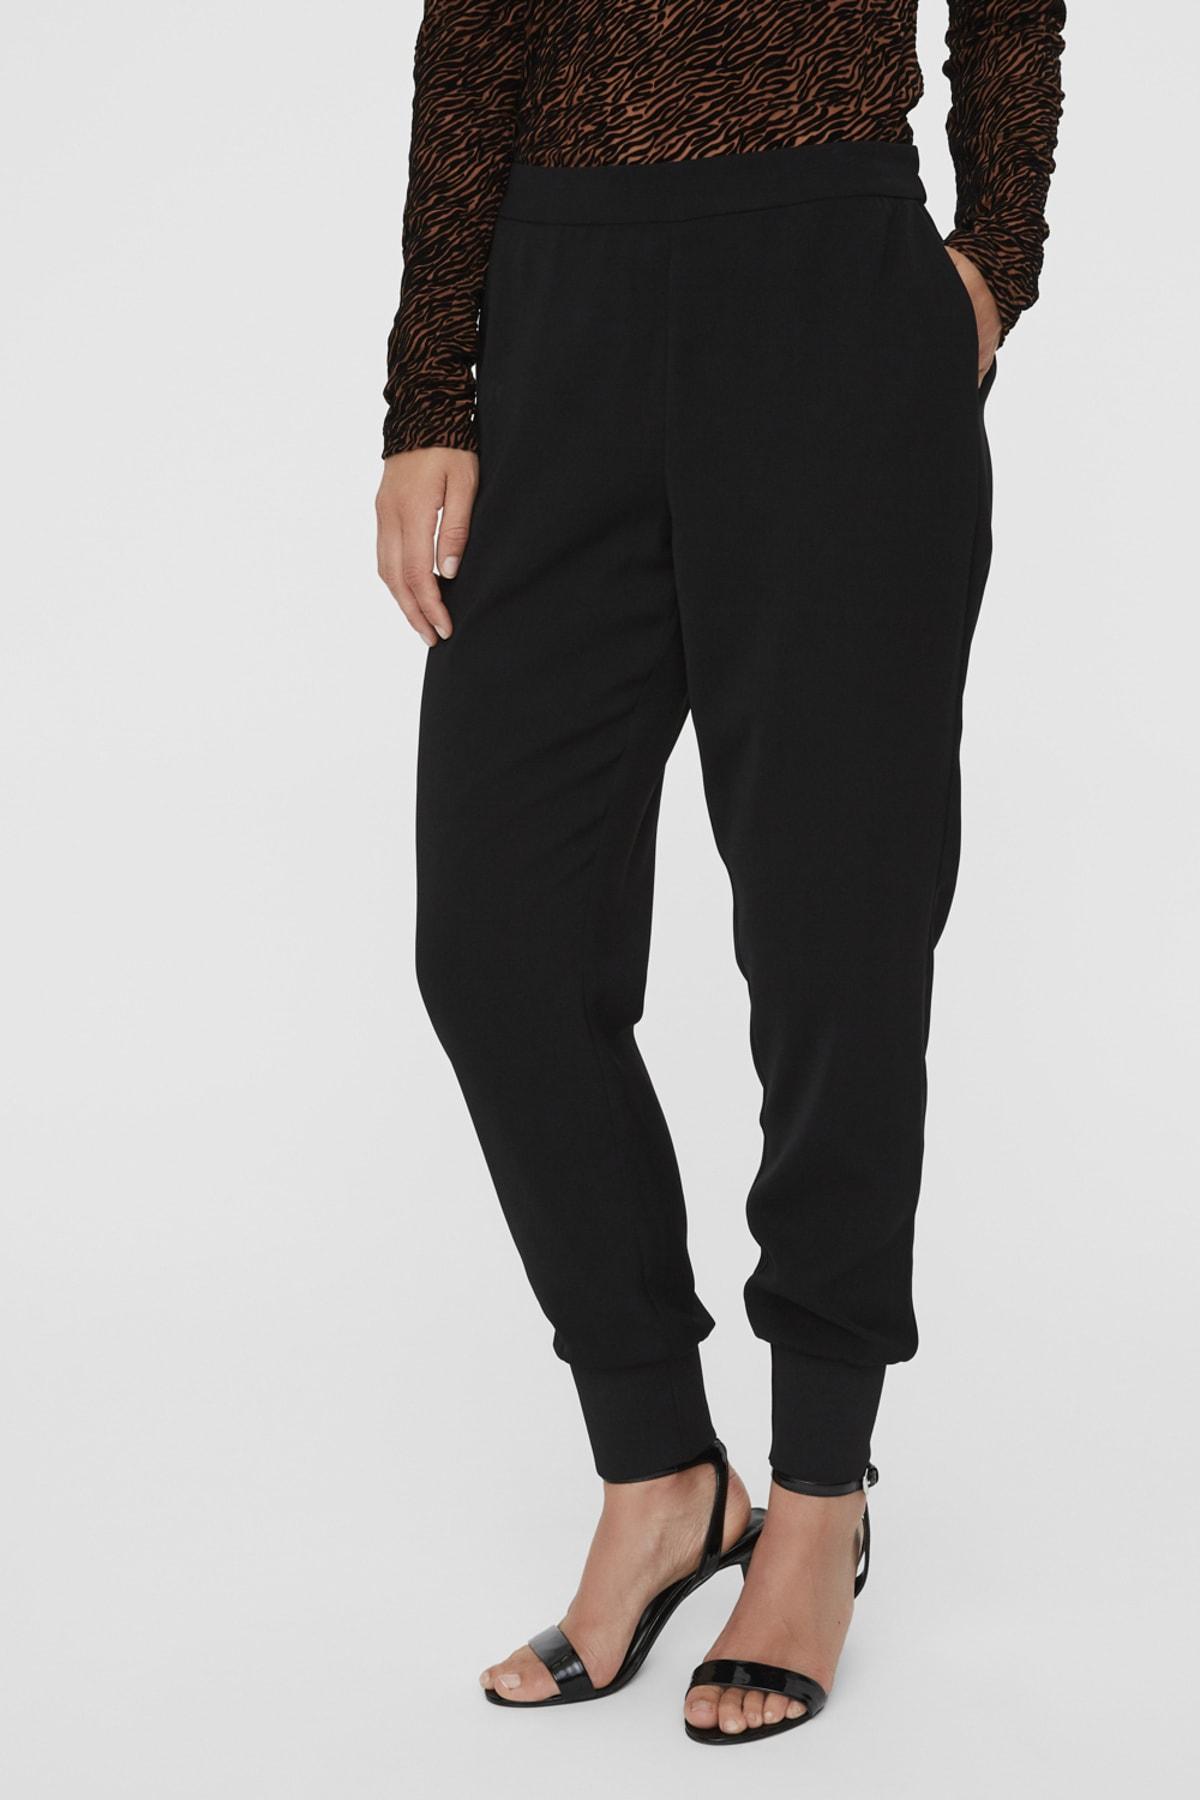 Vero Moda Kadın Siyah Paçası Kalın Ribanalı Beli Lastikli Pantolon 10222221 VMJOLLY 2